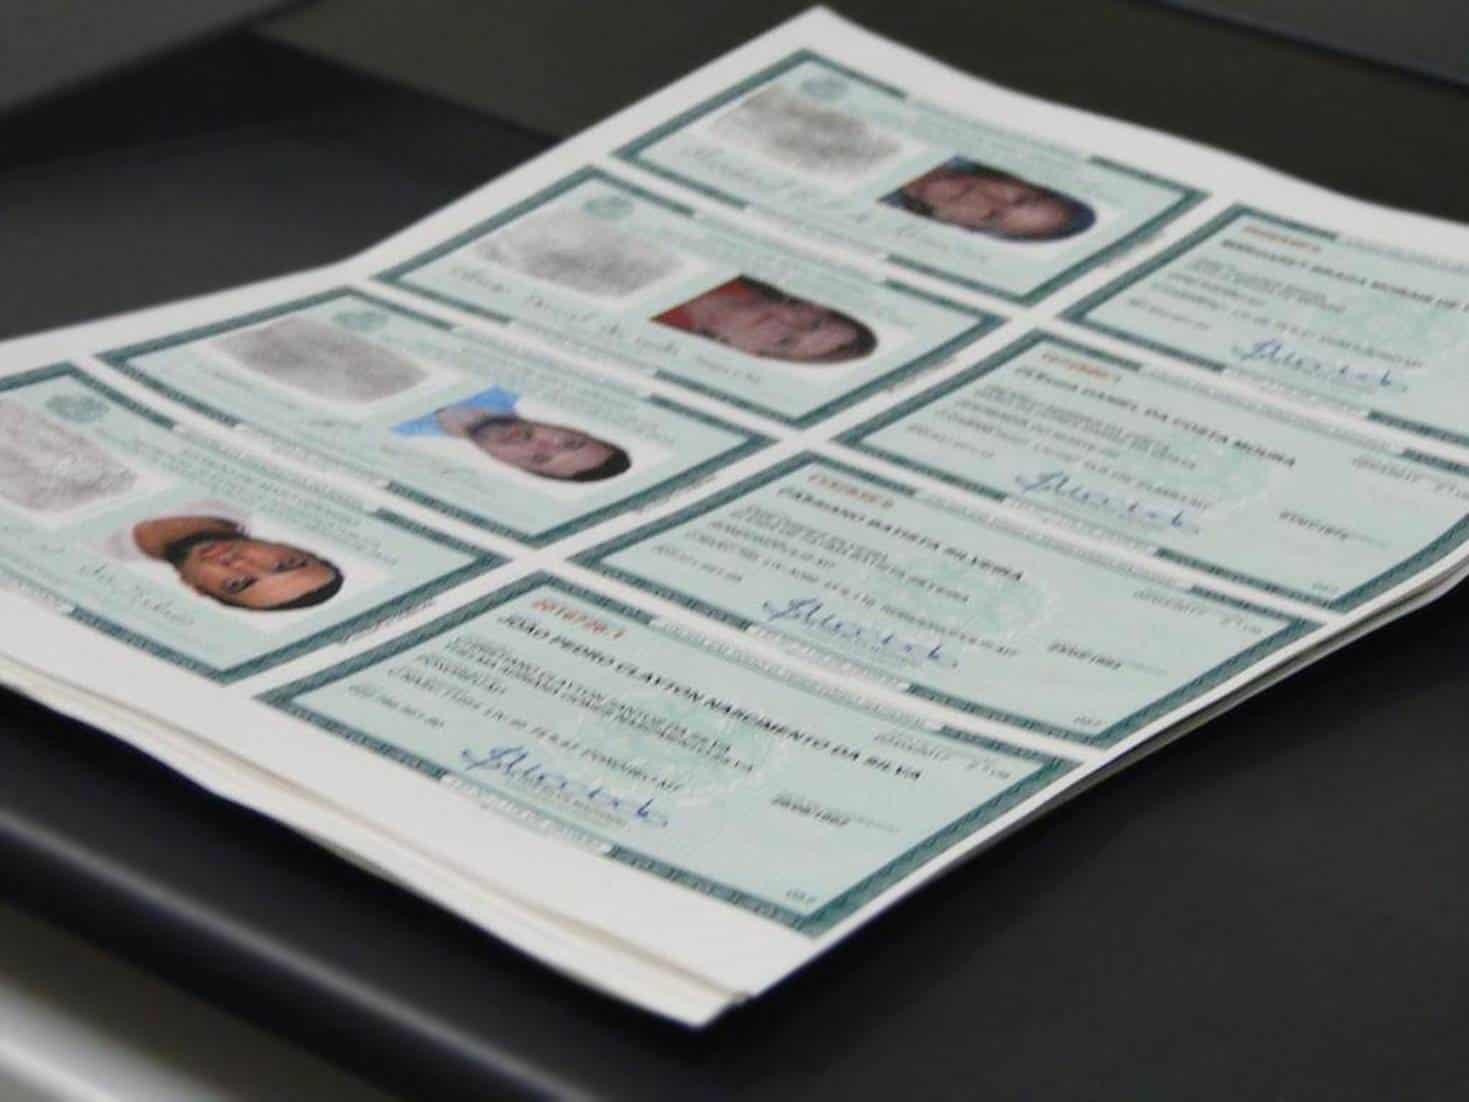 15 estados passarão a emitir a nova Carteira de Identidade (RG); veja lista